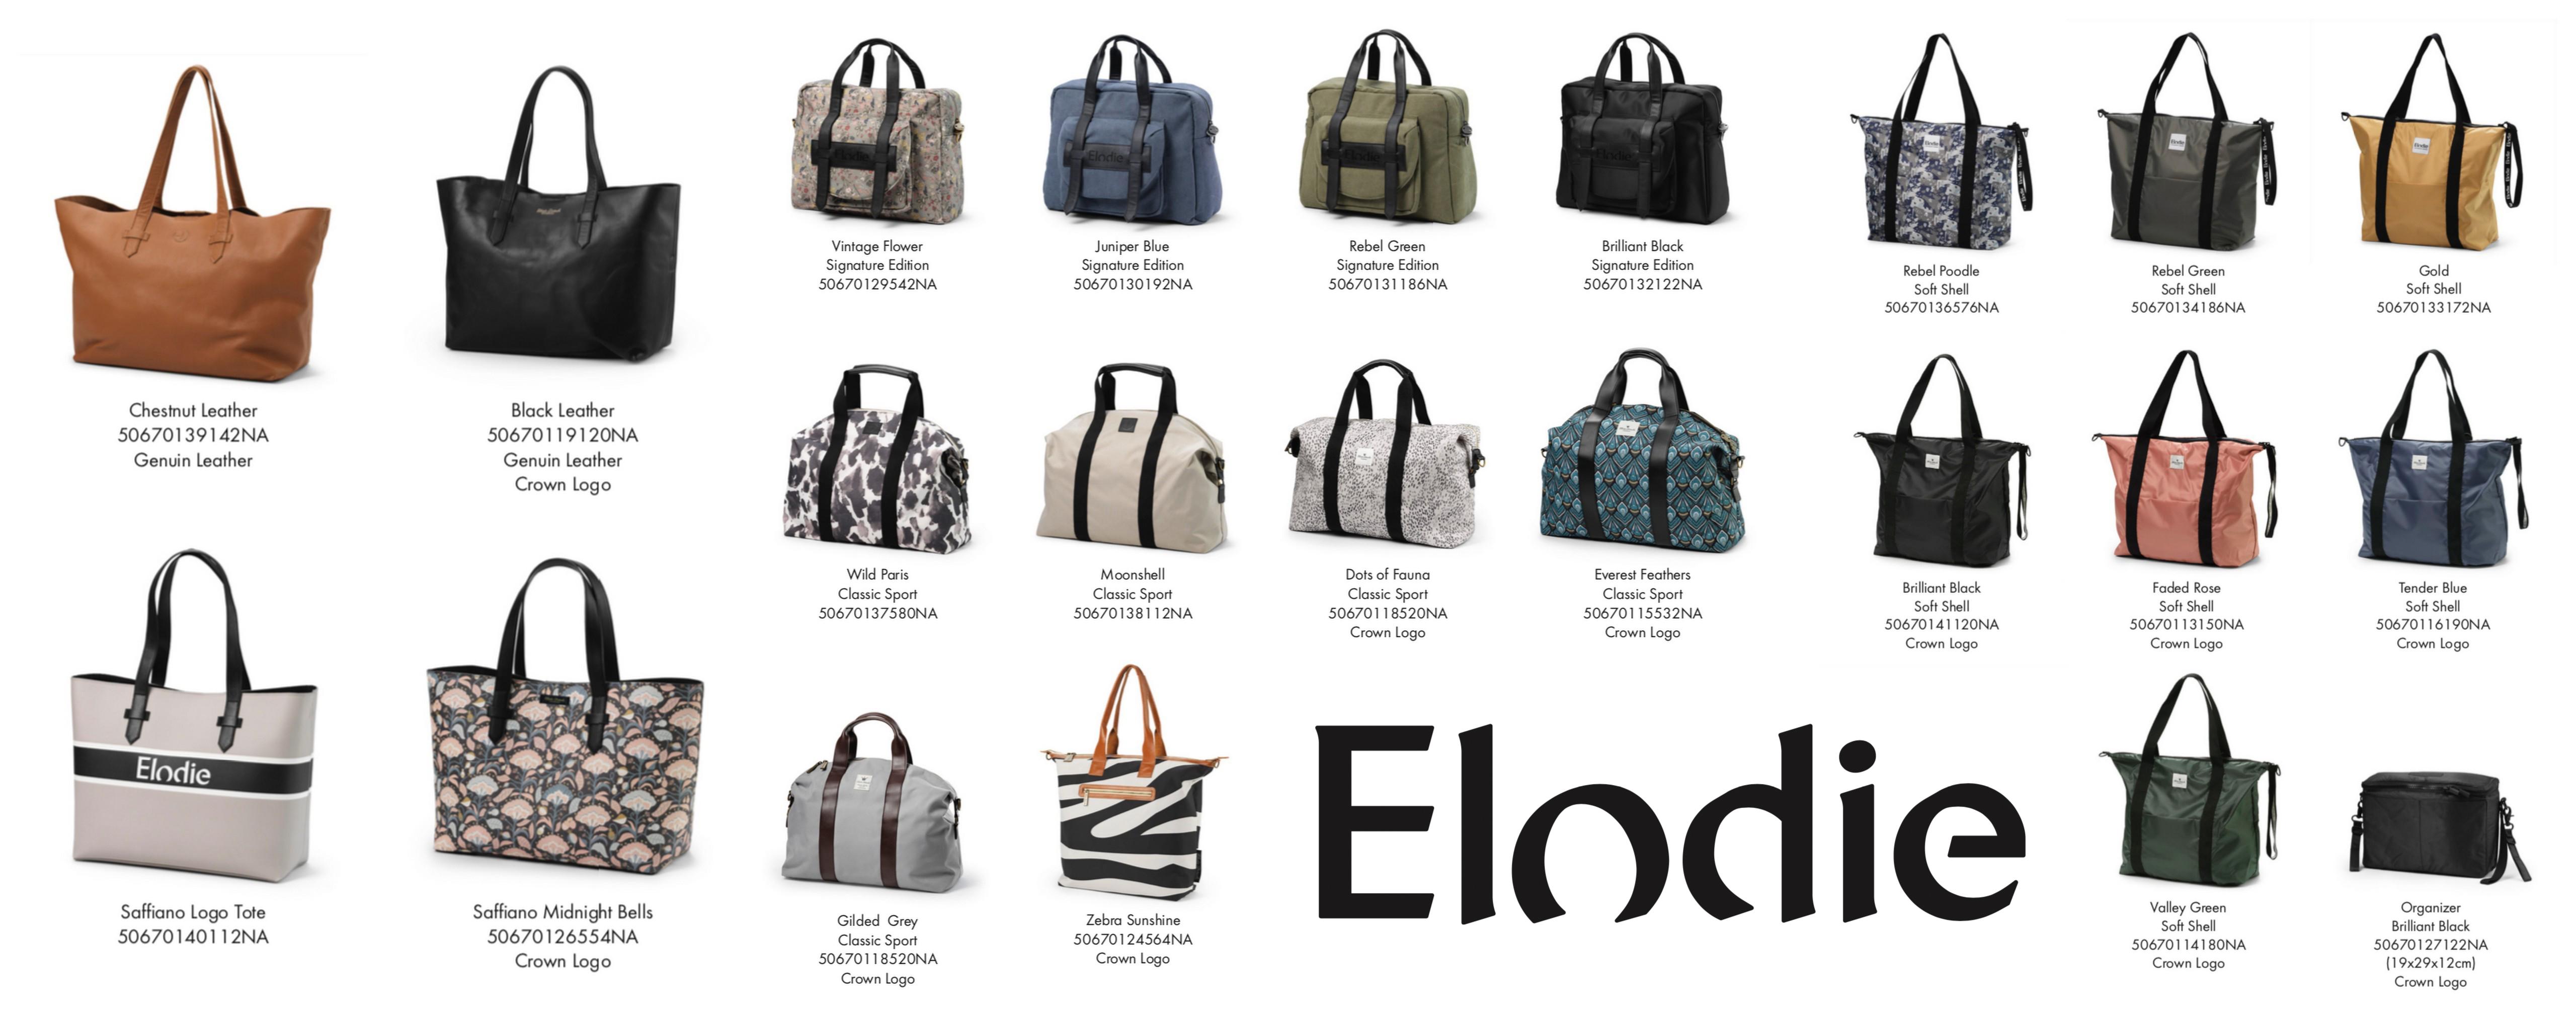 Elodie Details skötväskor 2019